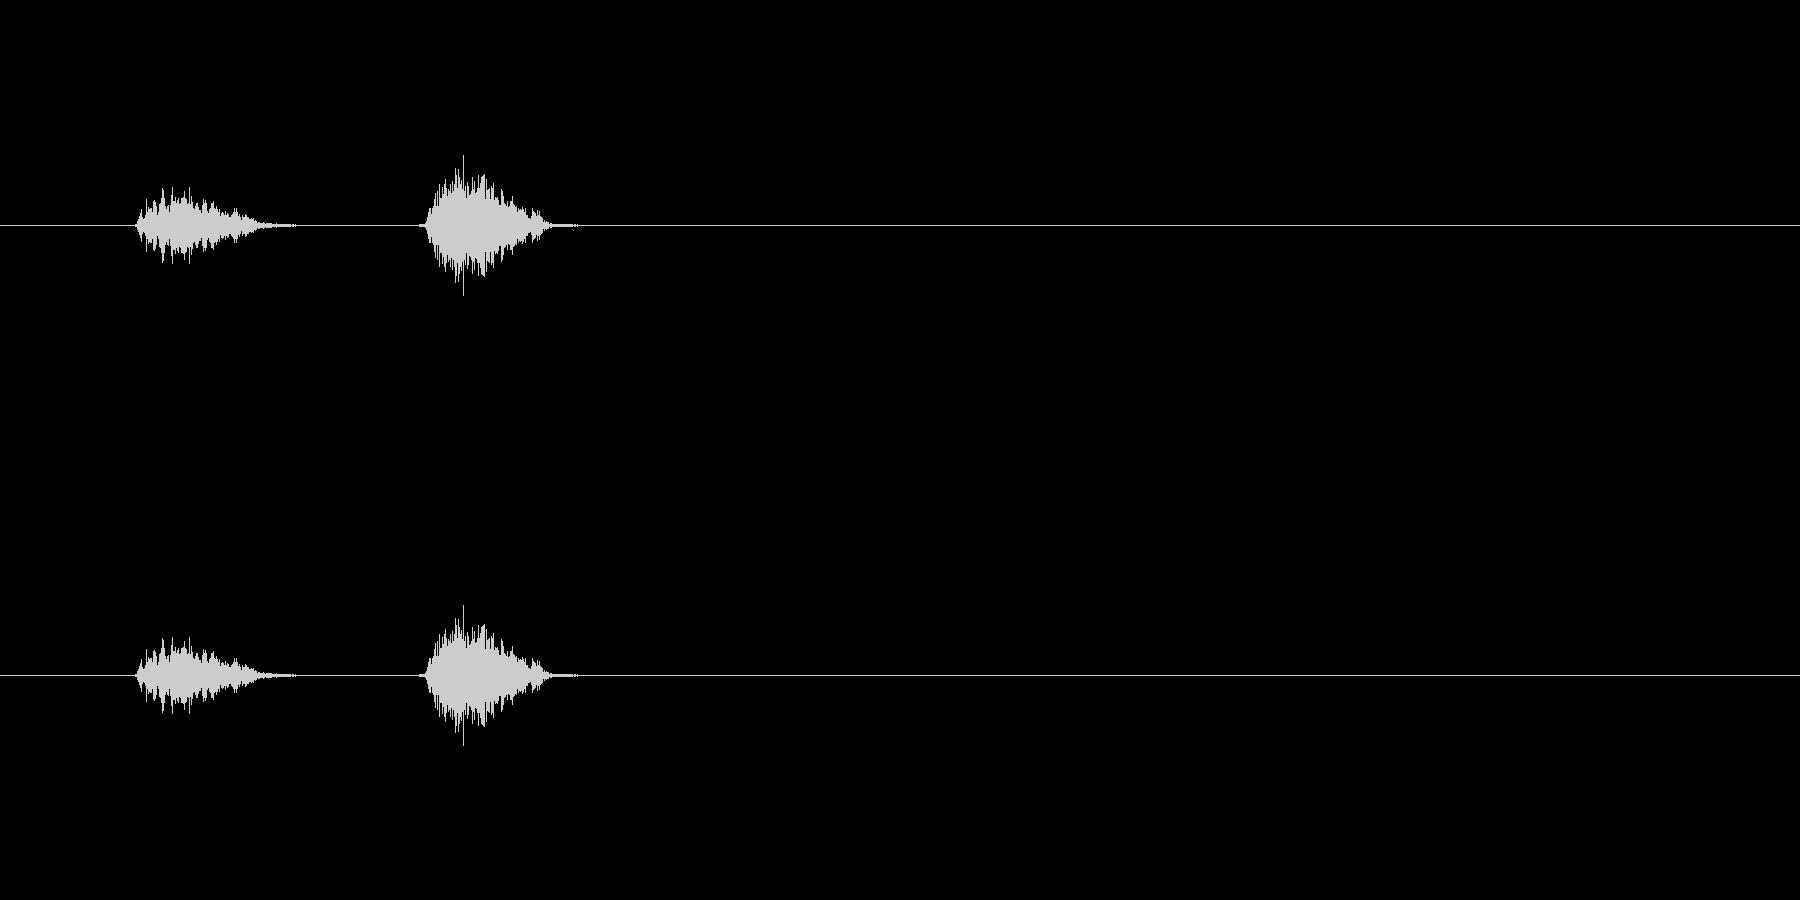 【鉛筆01-08(チェック)】の未再生の波形